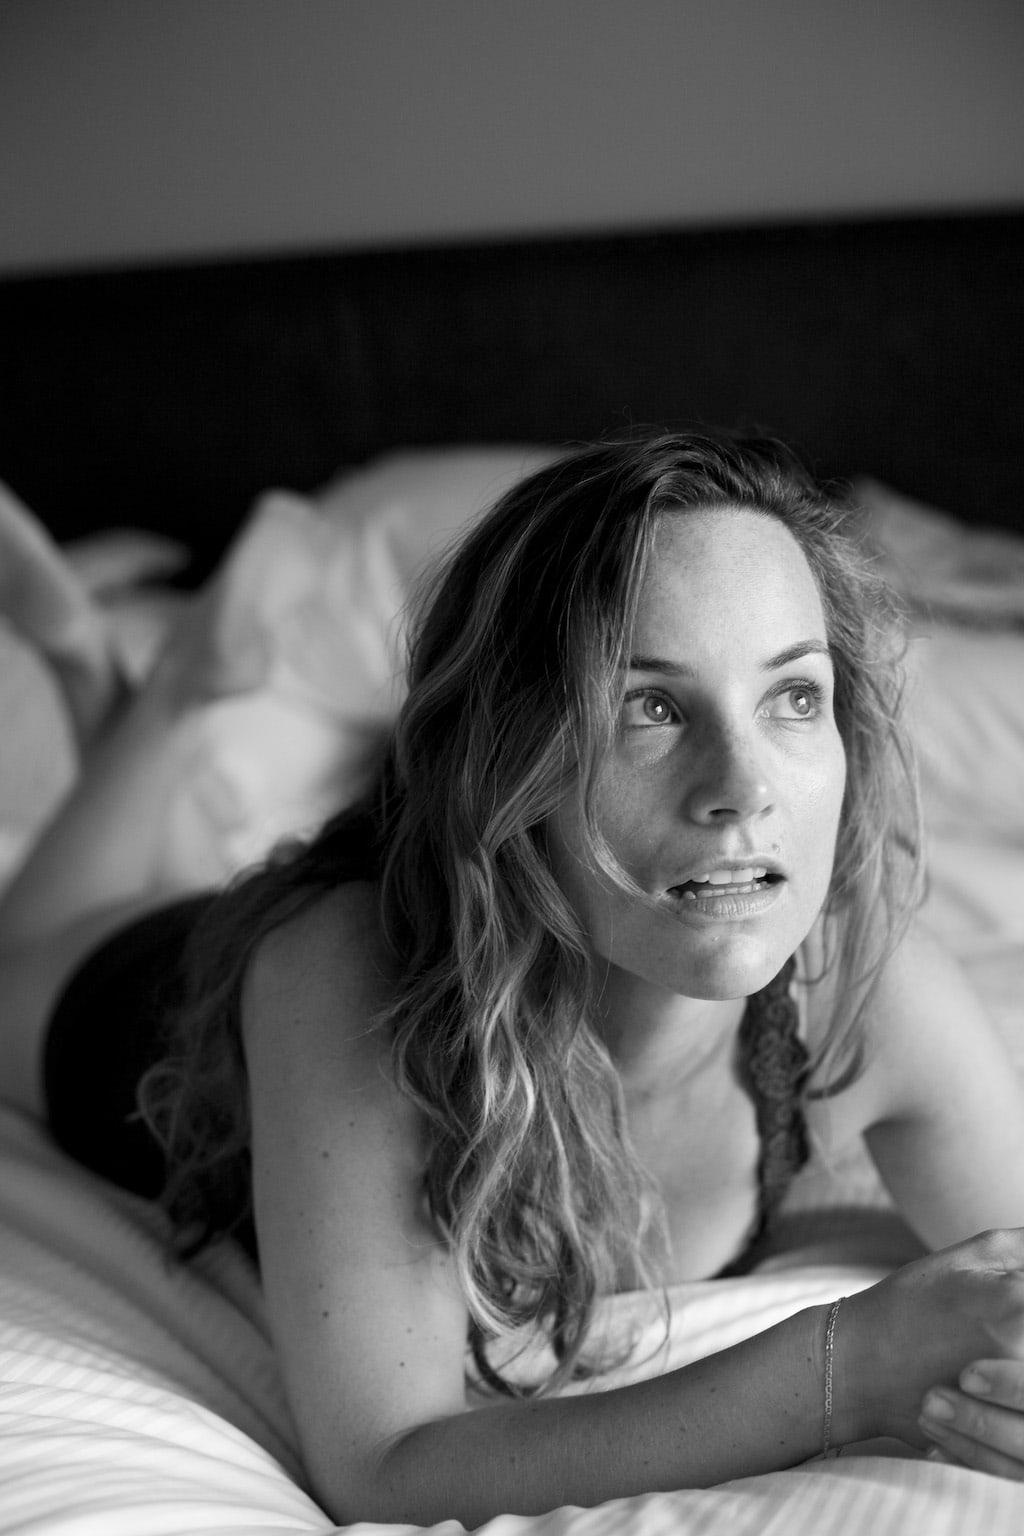 Regina Taufen Nude Photos 72